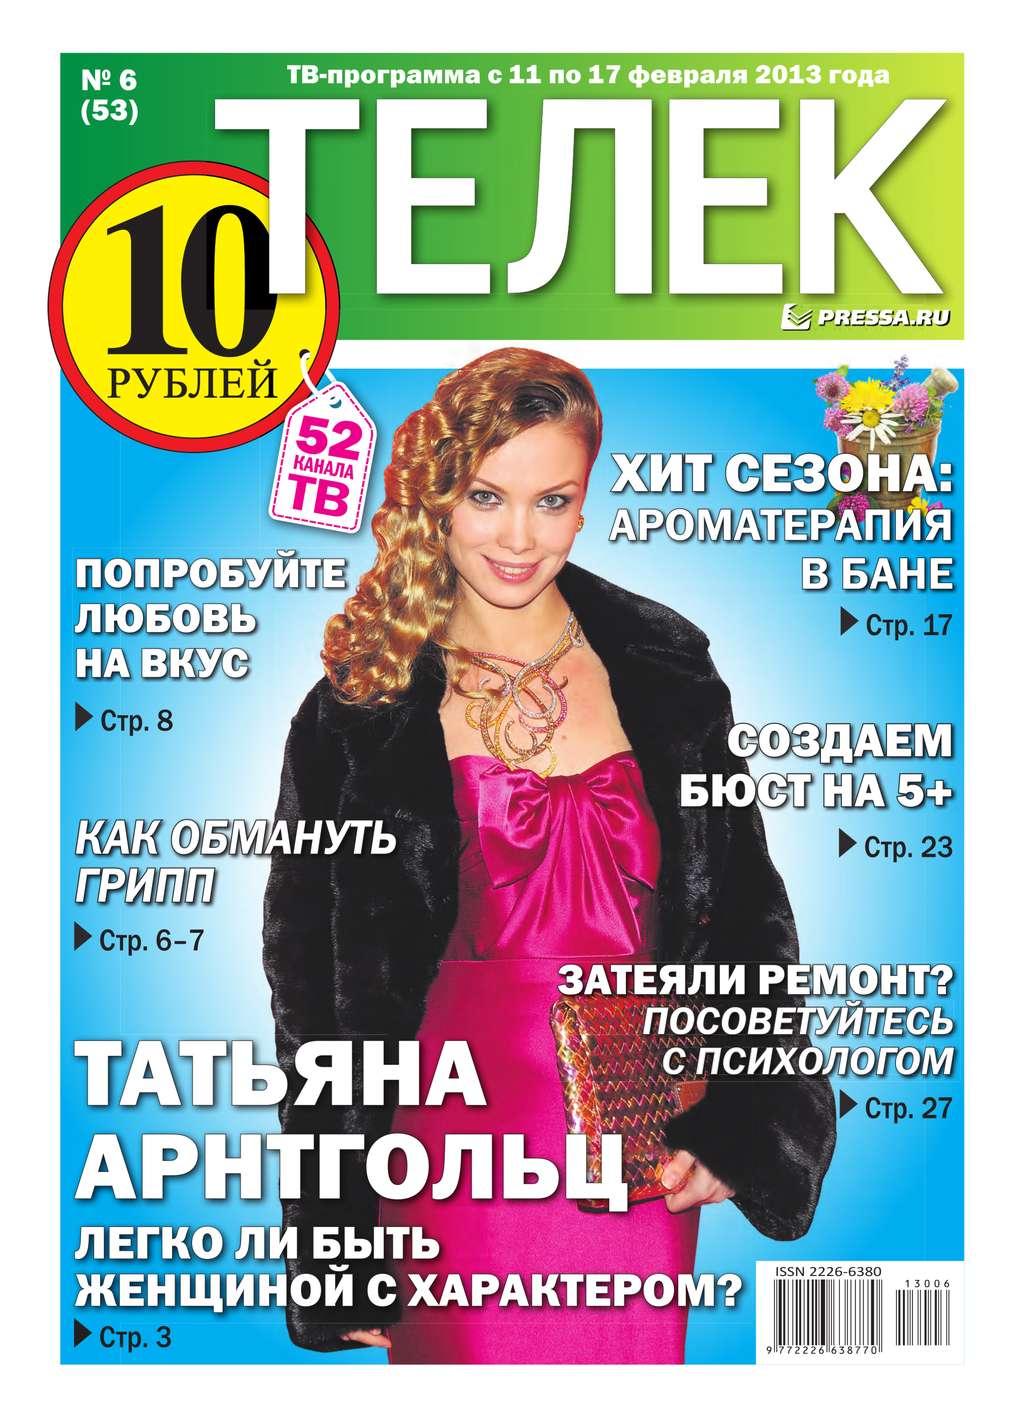 Редакция газеты ТЕЛЕК PRESSA.RU Телек 06-2013 аджна божевильна 33 рифмооткровения